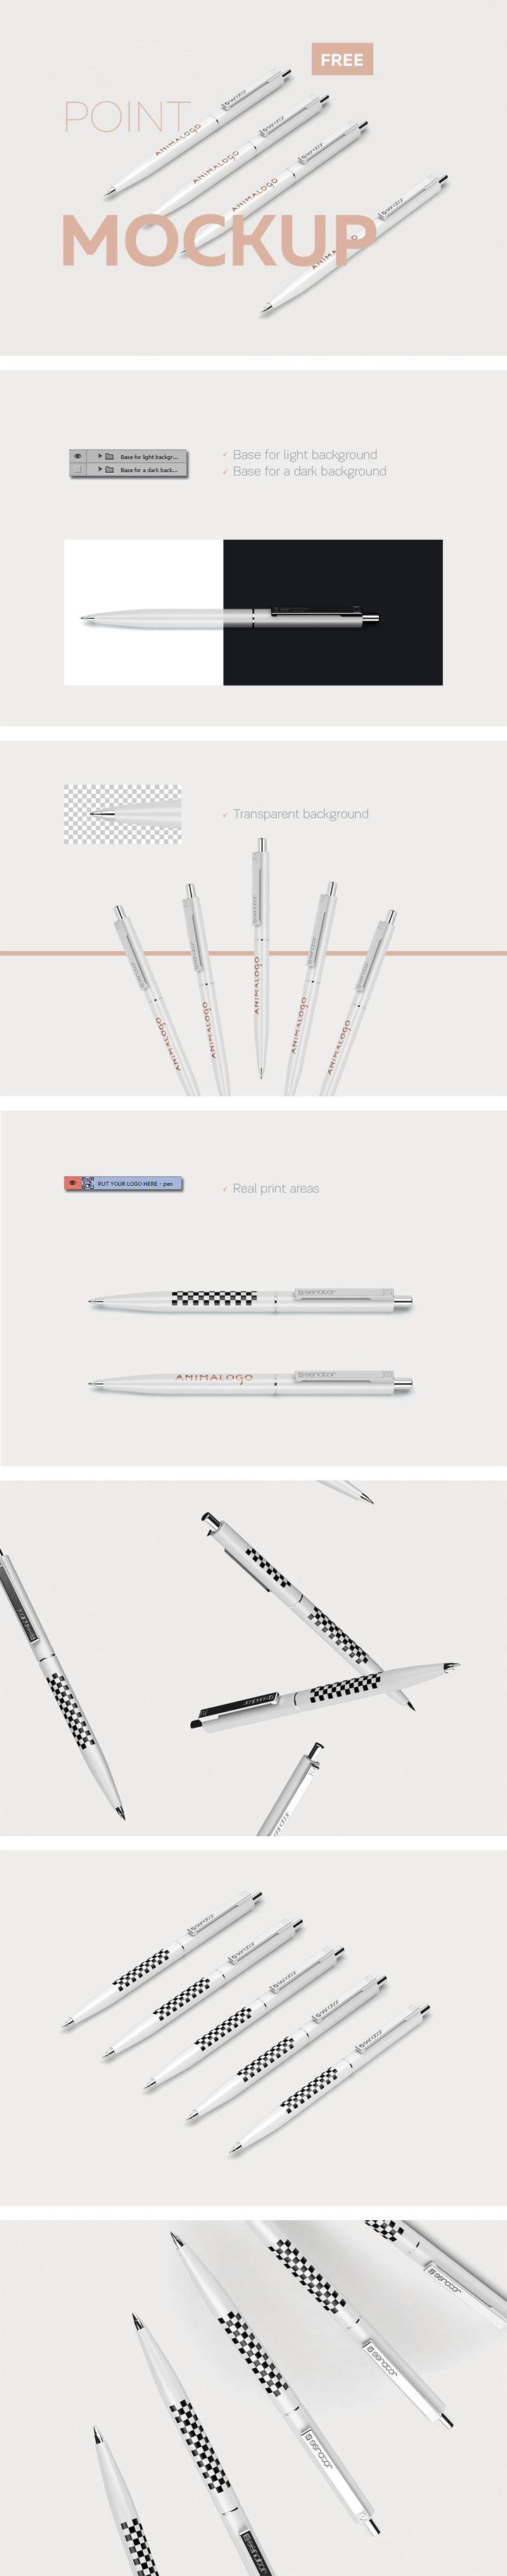 190 besten Free: Design Elements Bilder auf Pinterest | Design ...